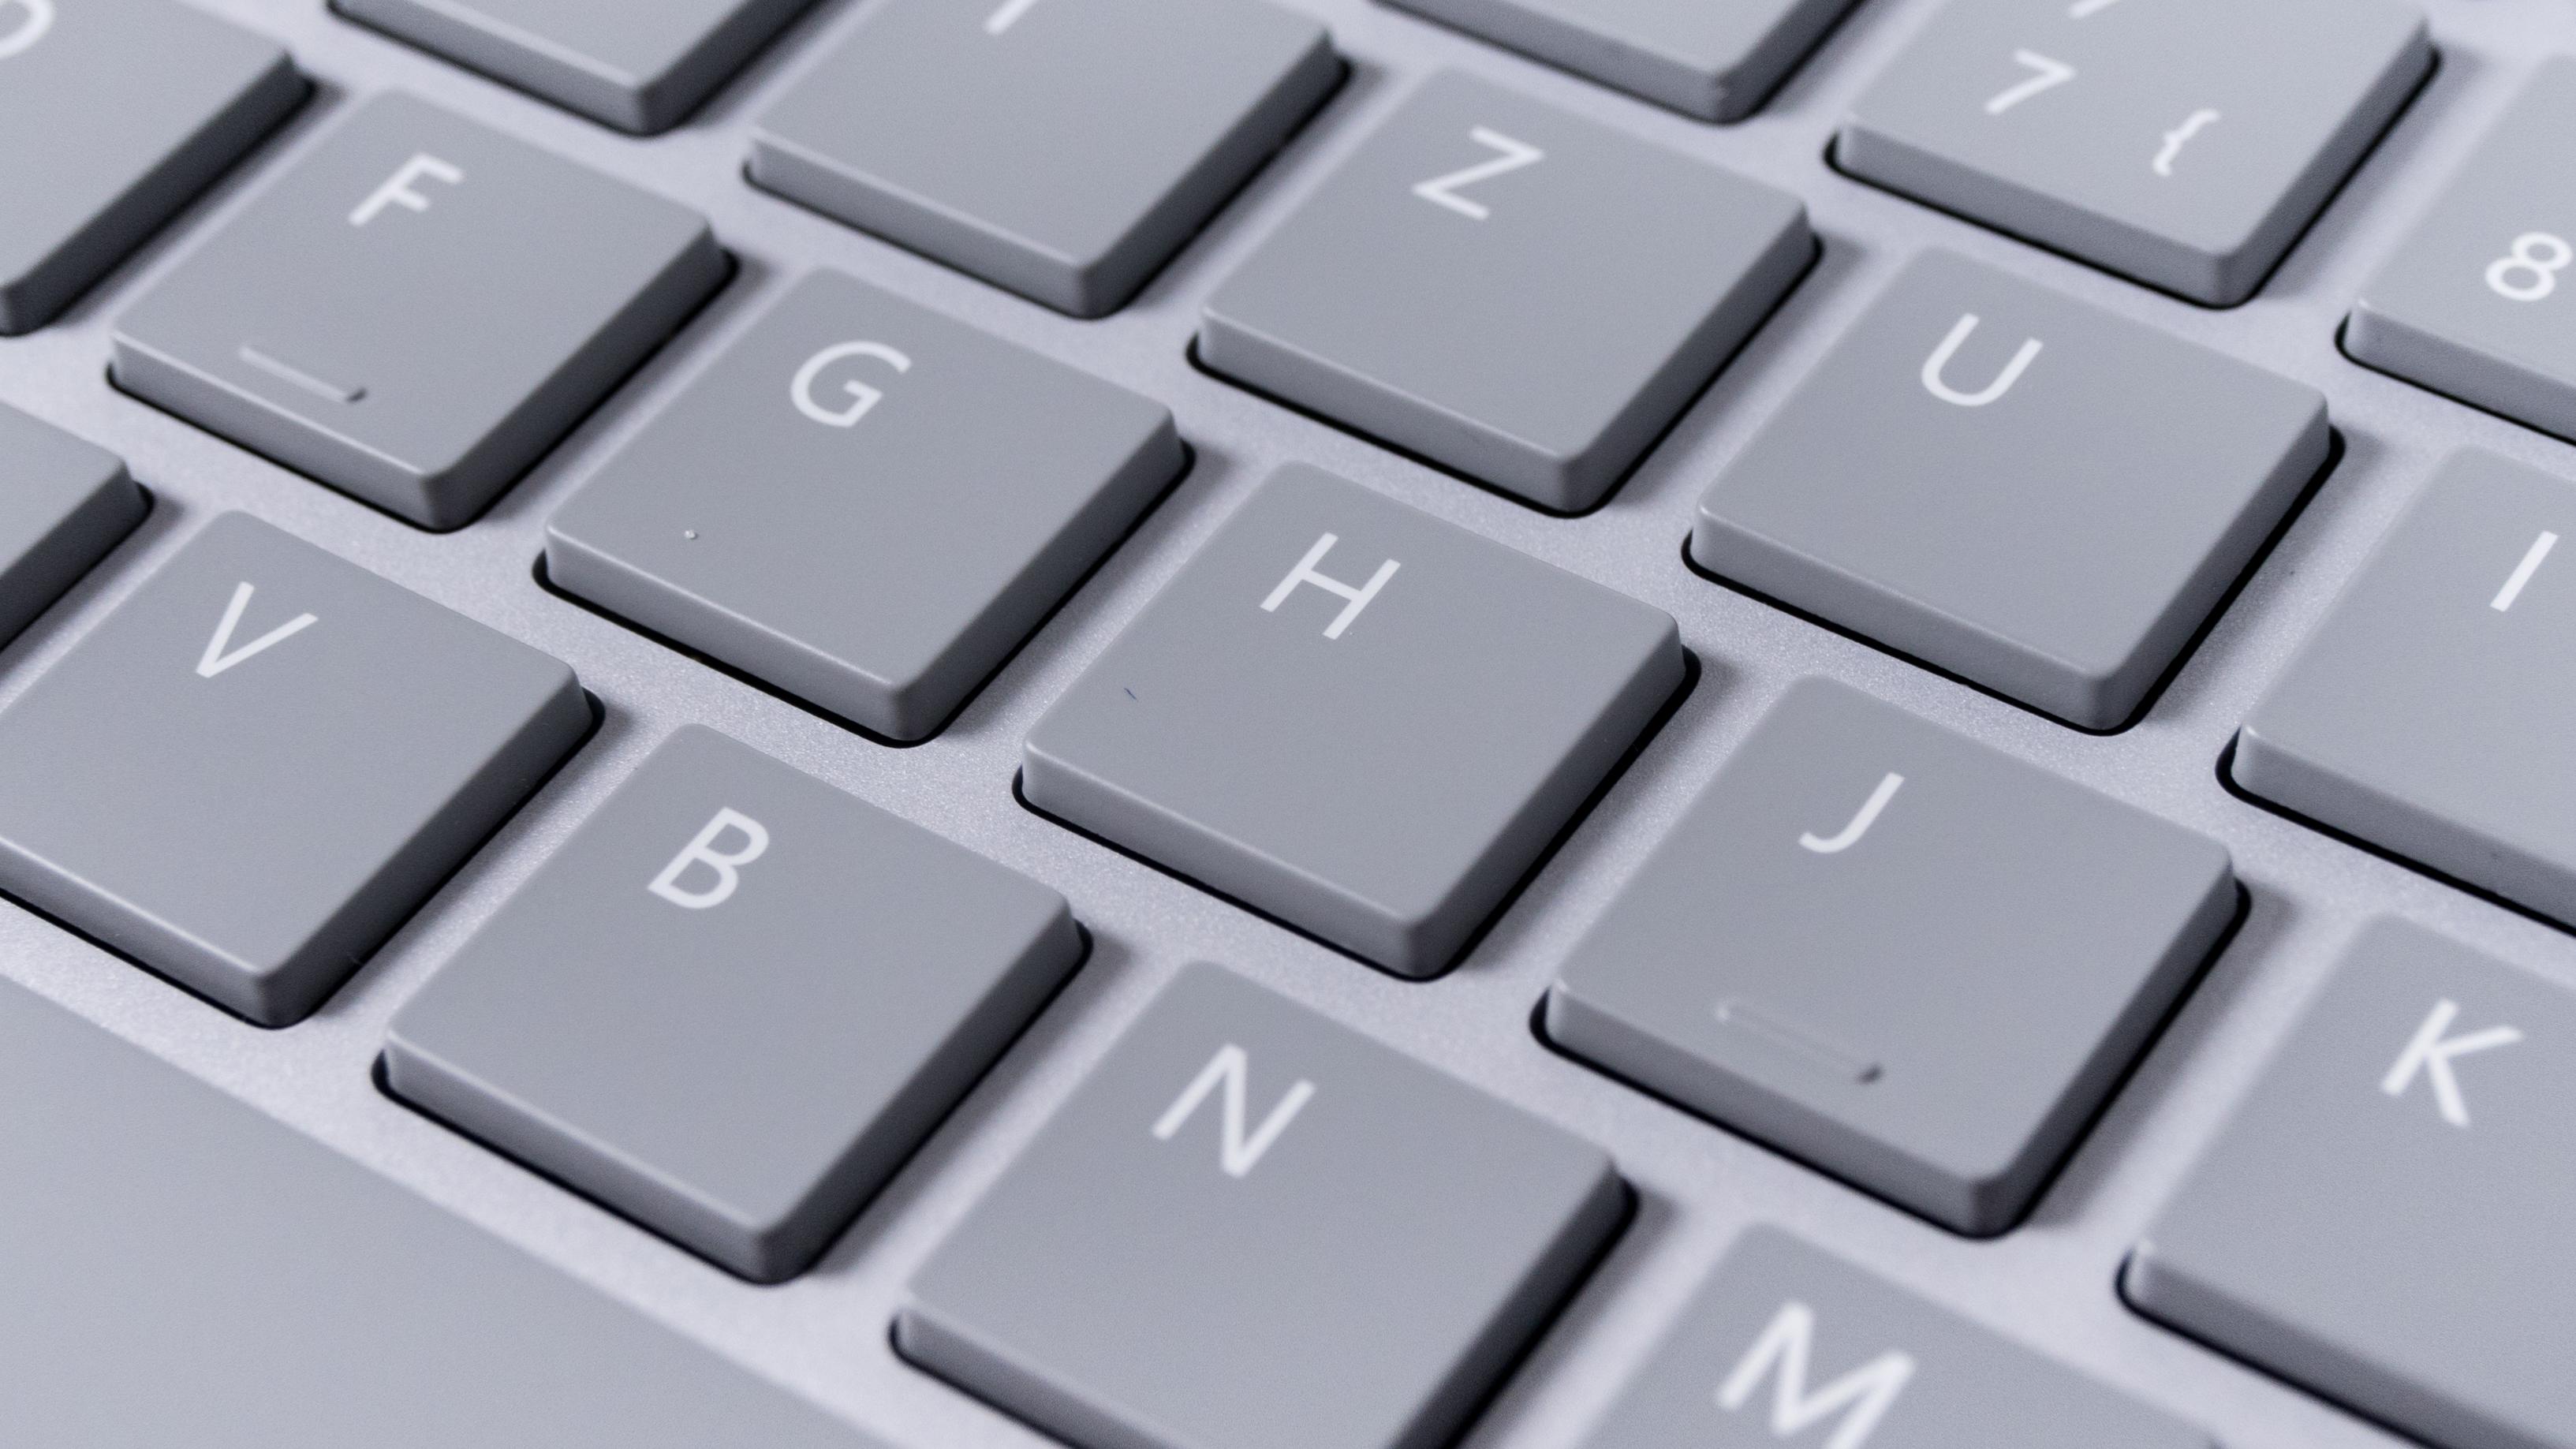 Microsoft Modern Keyboard im Test: Die Suche nach dem Lieblingsschreibinstrument - Markierungen an den Tasten F und J (Bild: Oliver Nickel/Golem.de)